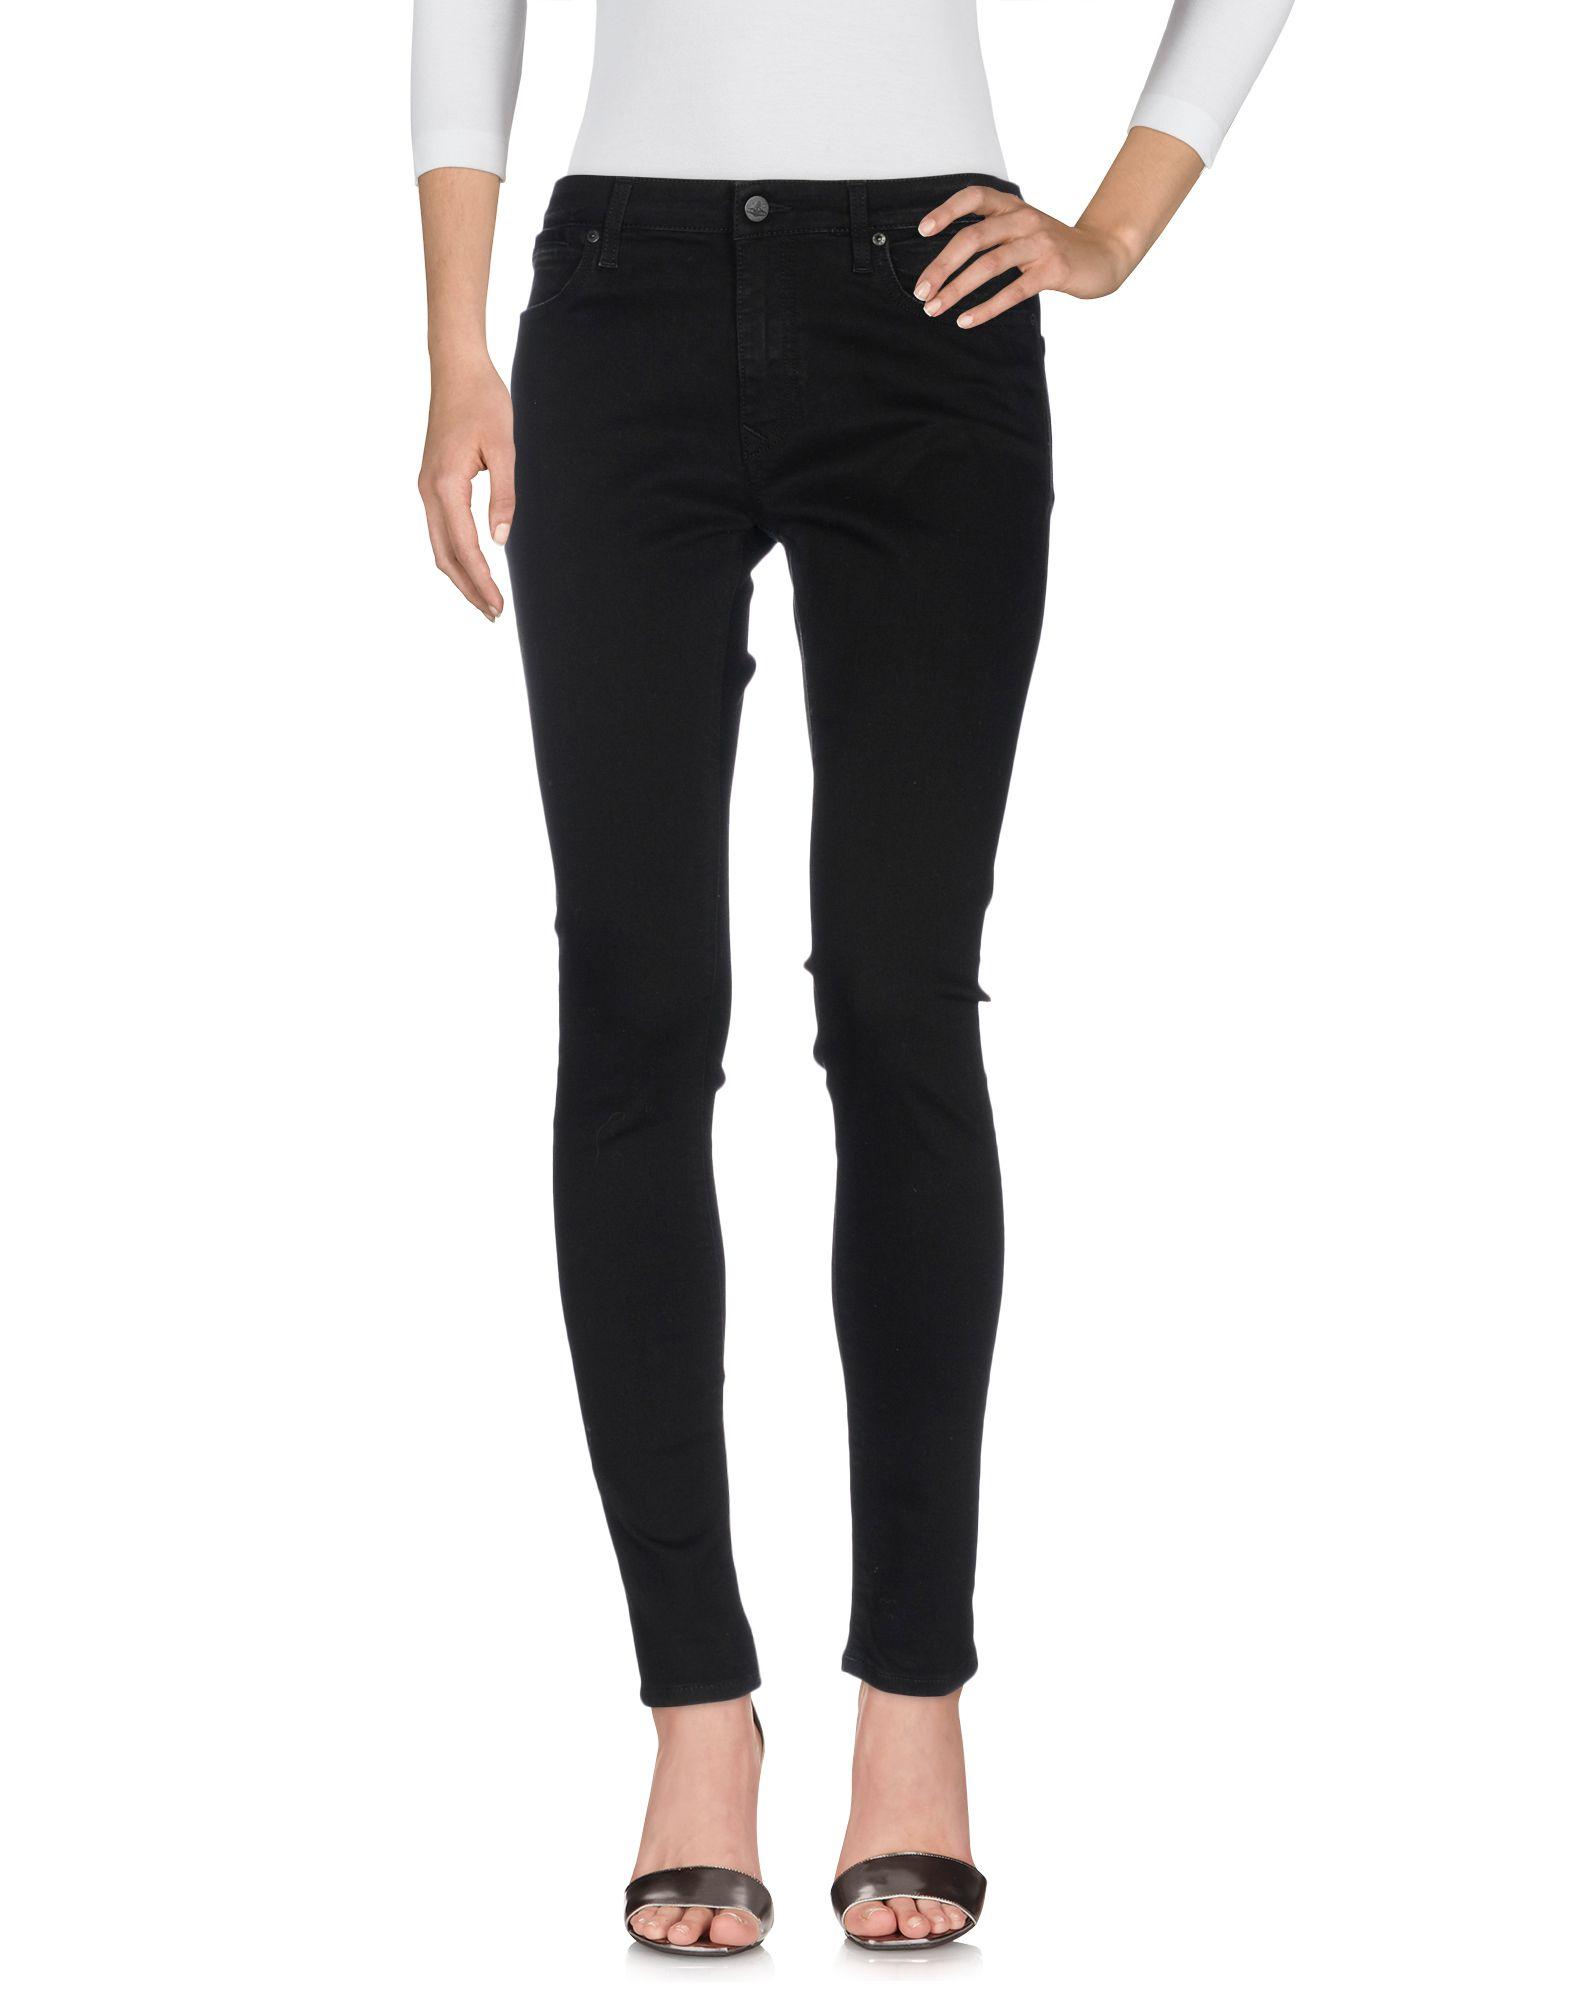 Vivienne Westwood Skinny Jeans - Black